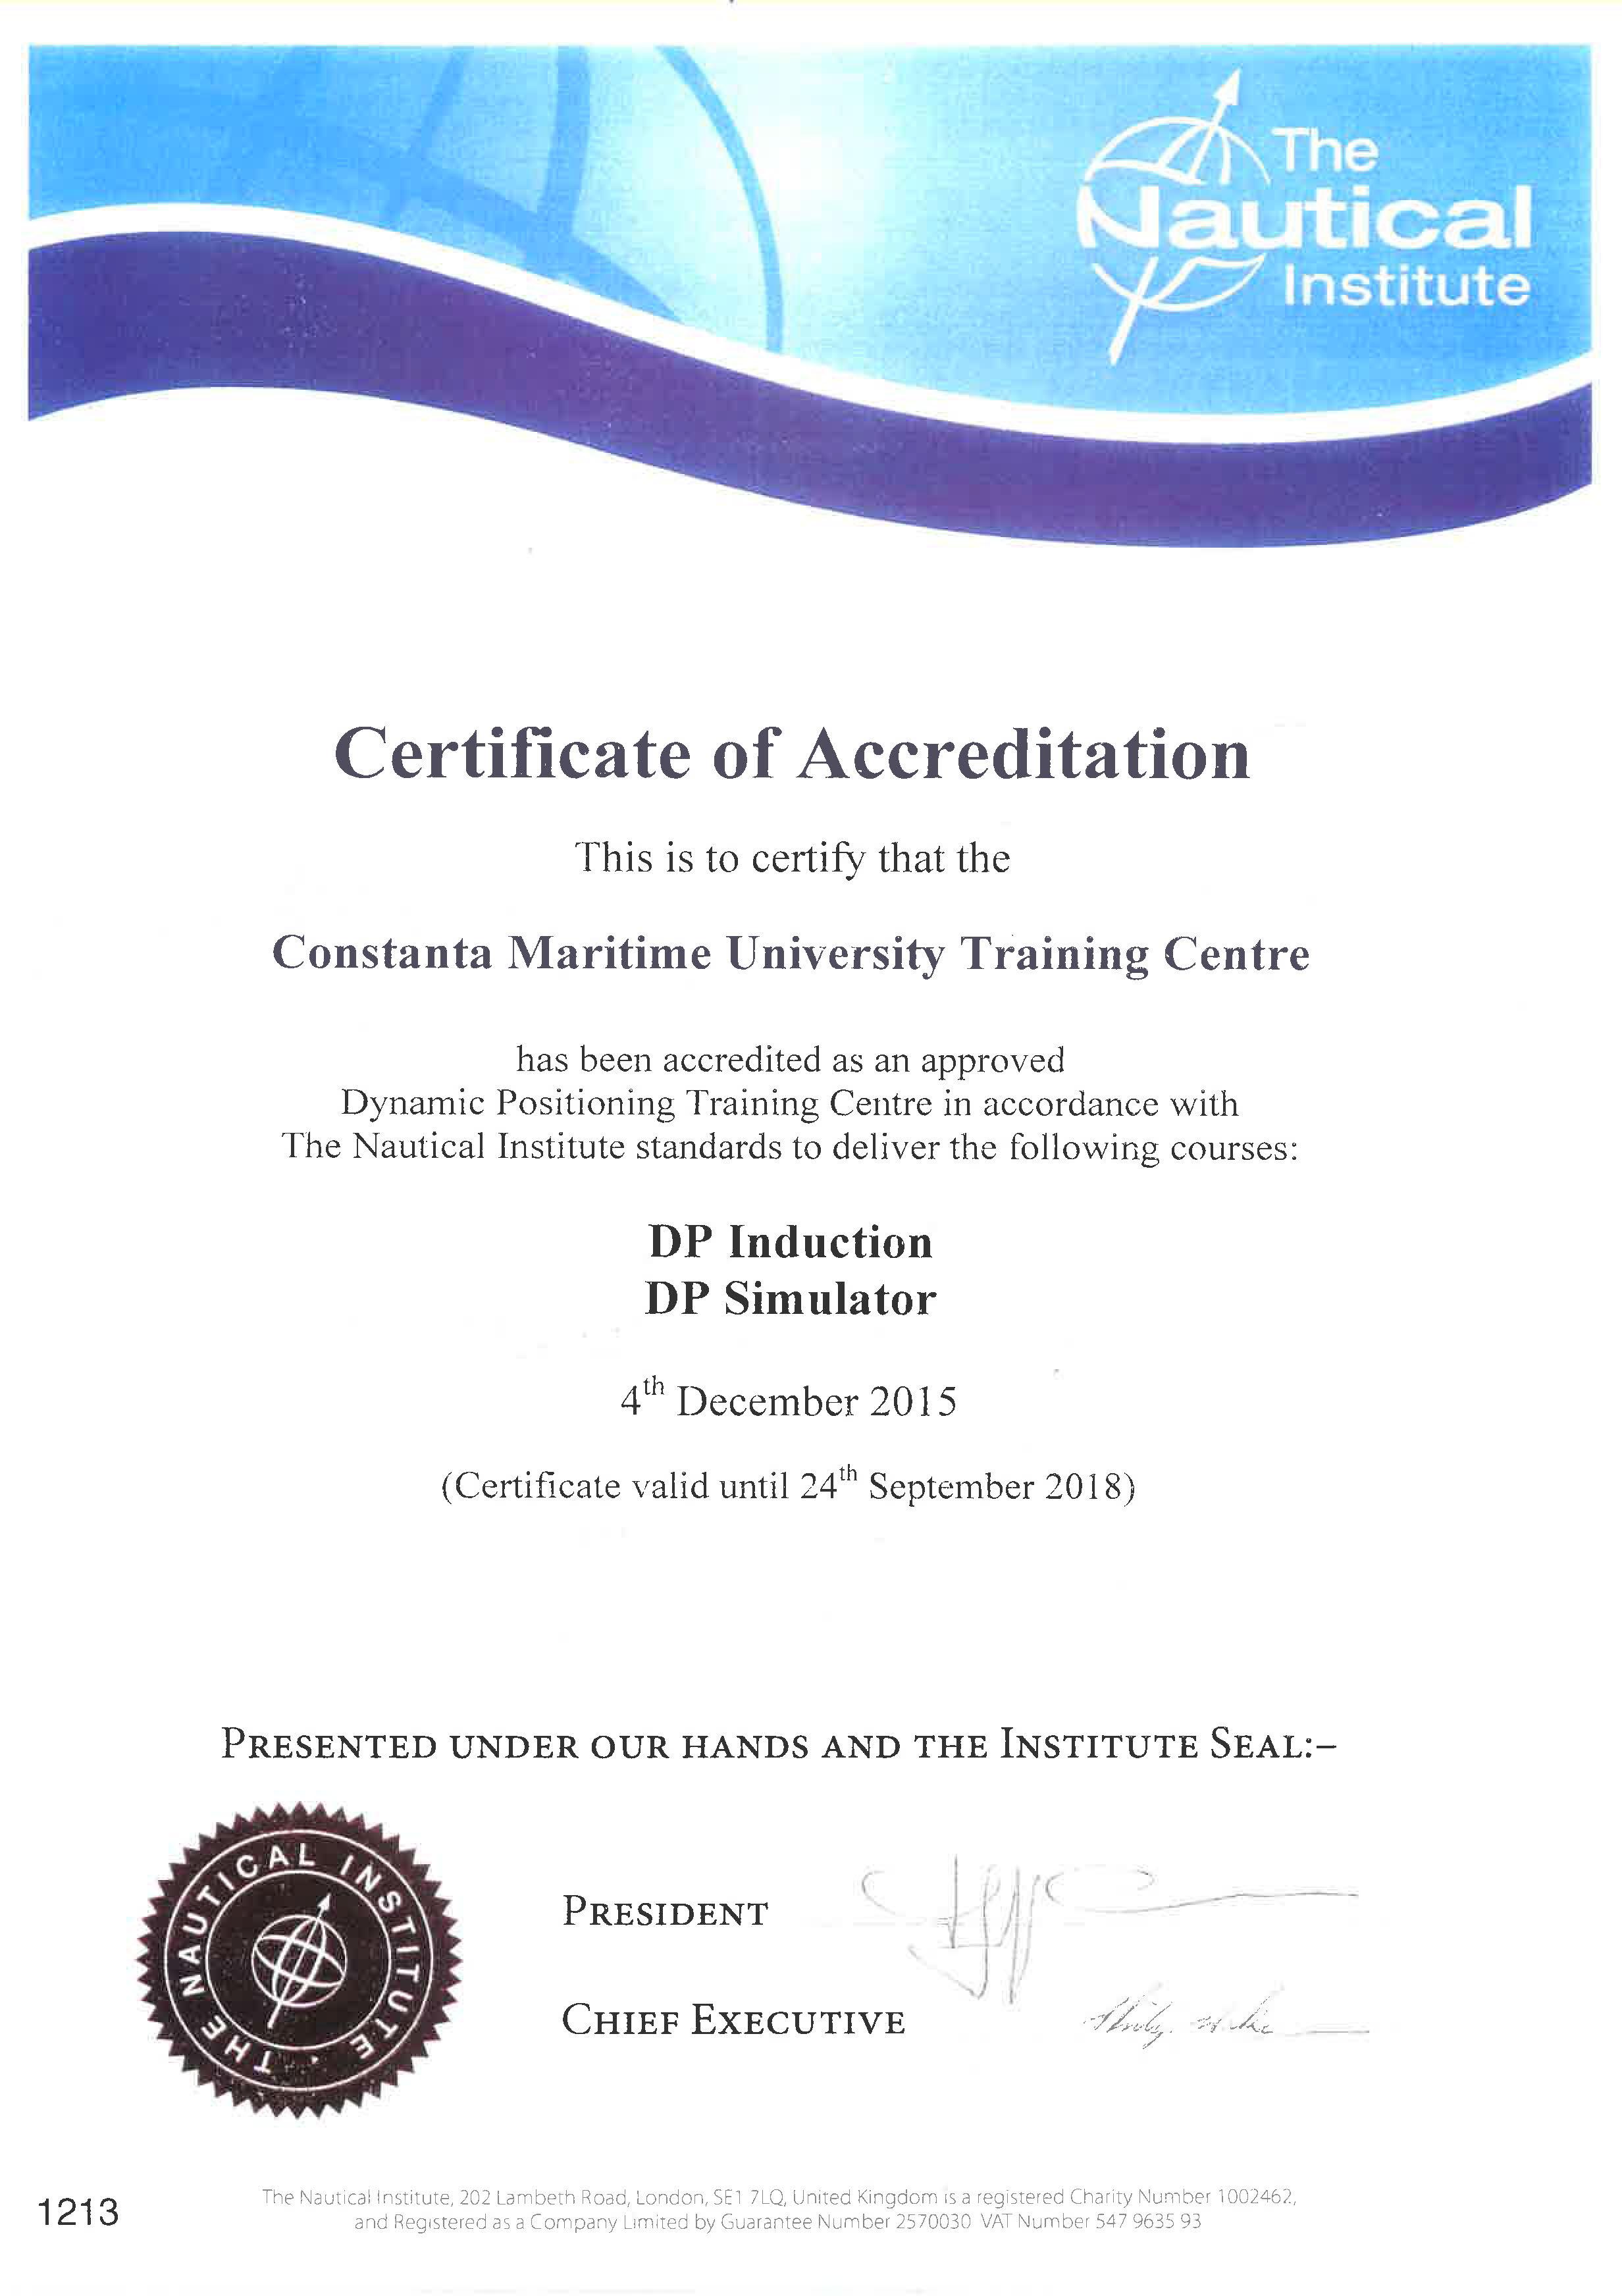 nautical-institute-accreditation